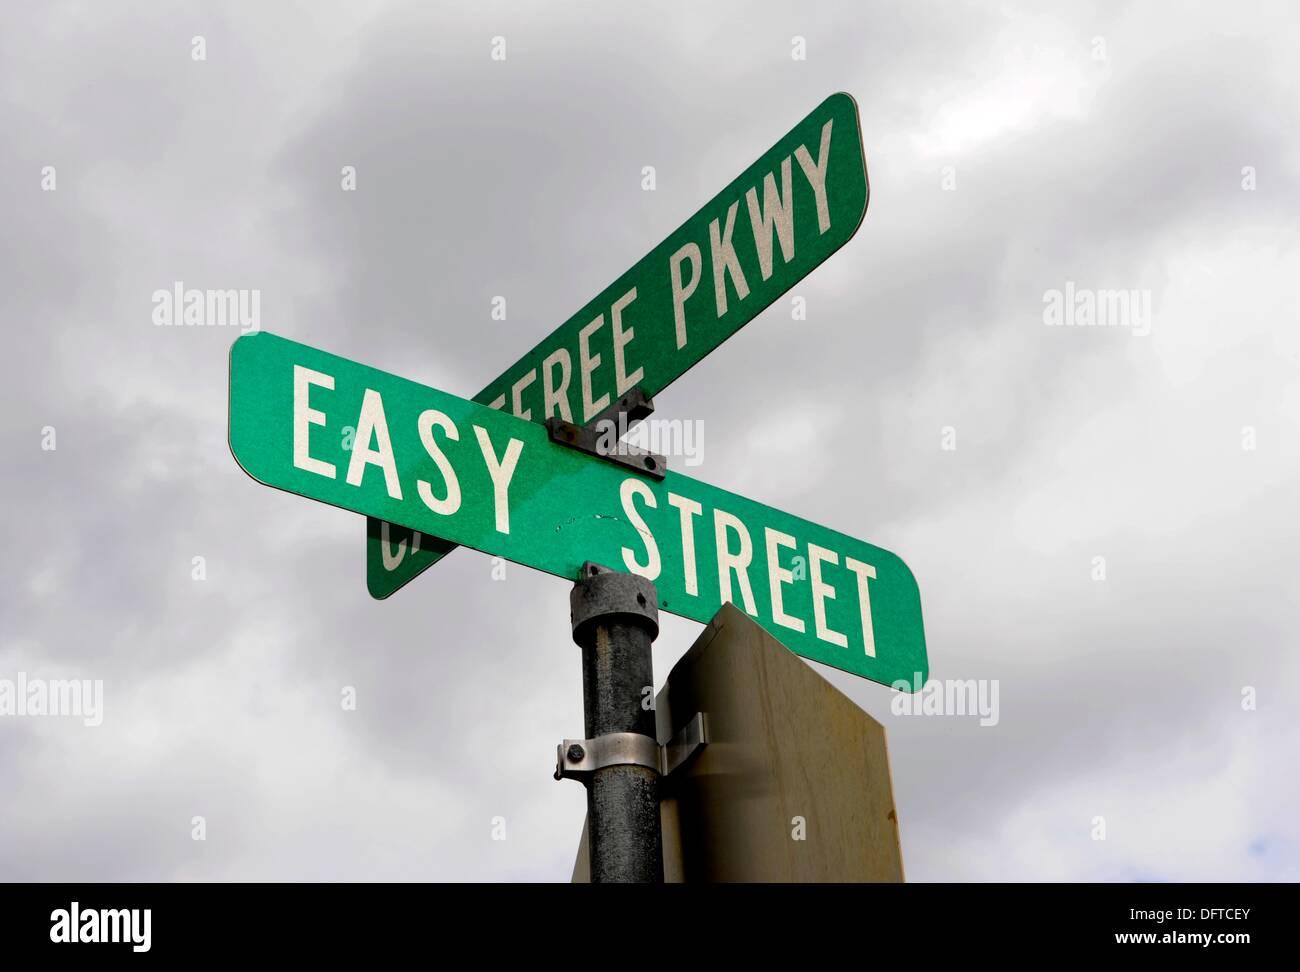 Facile strada segno evidenziando il concetto di facile Immagini Stock